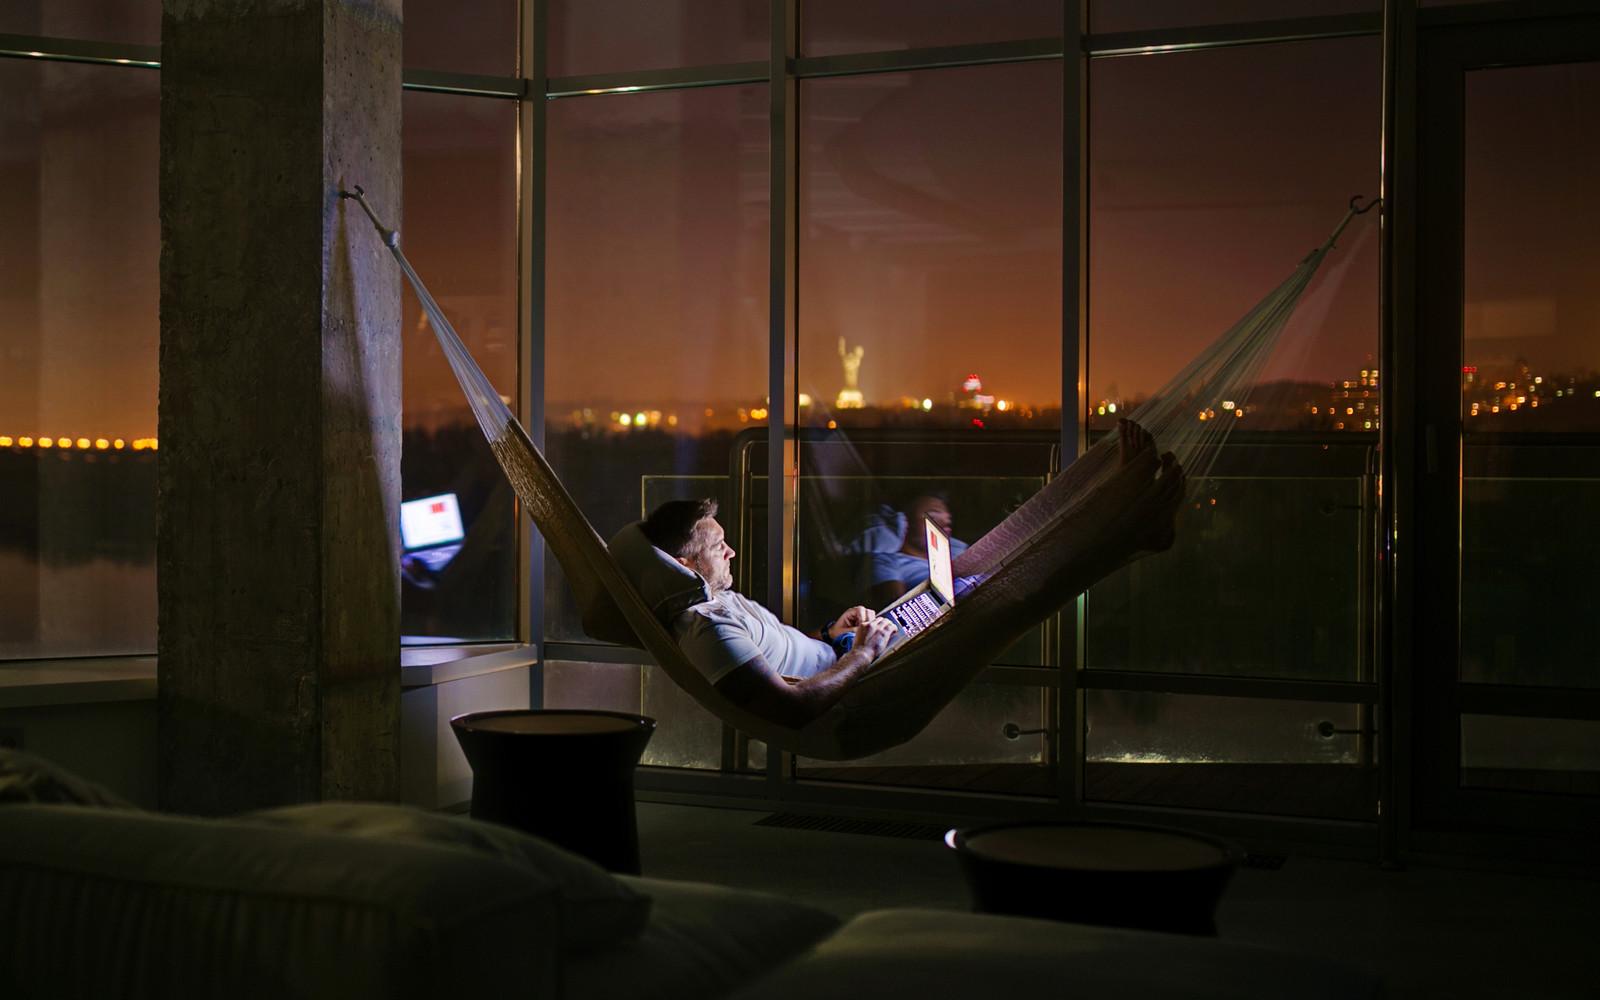 панорамни прозорци и свобода в просторния градски апартамент_28